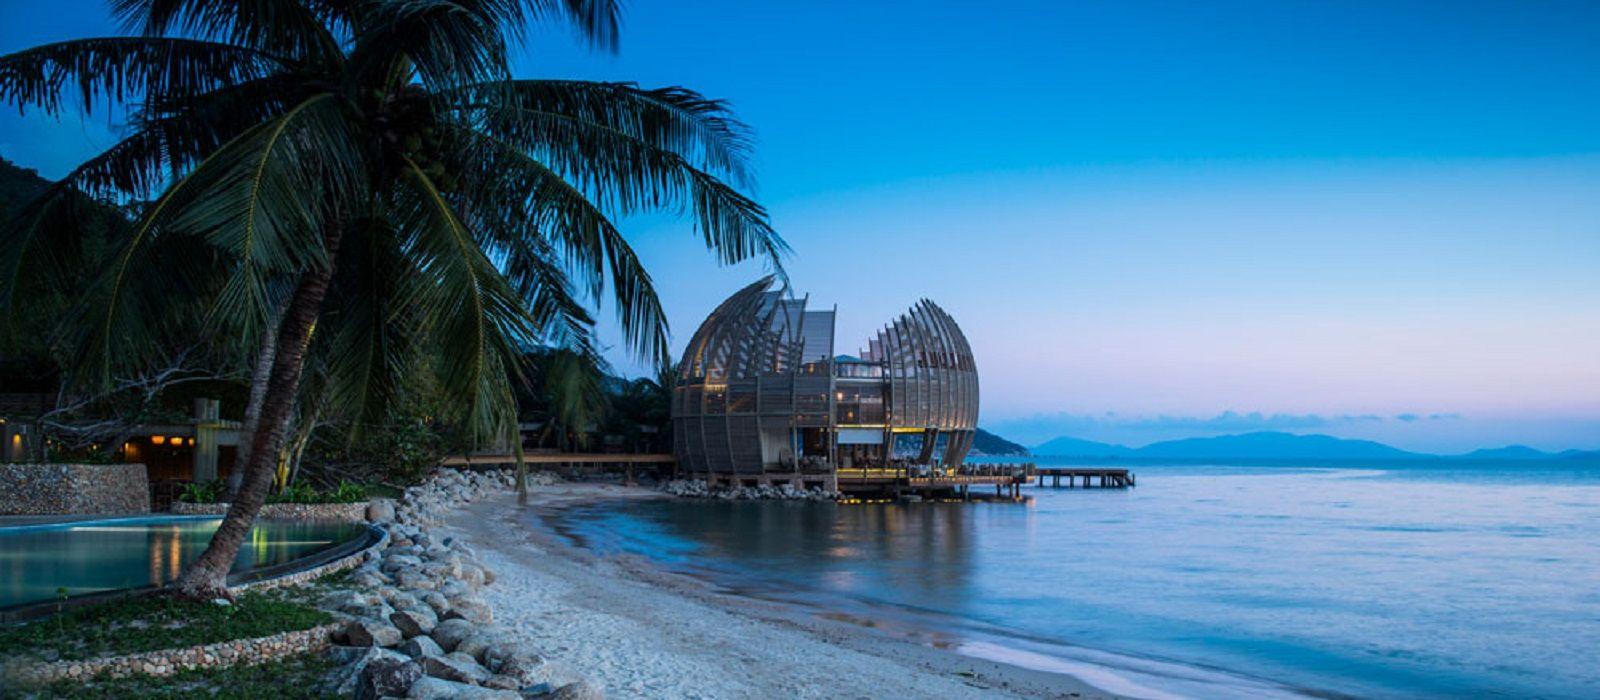 Hotel An Lam Retreat Ninh Van Bay Vietnam